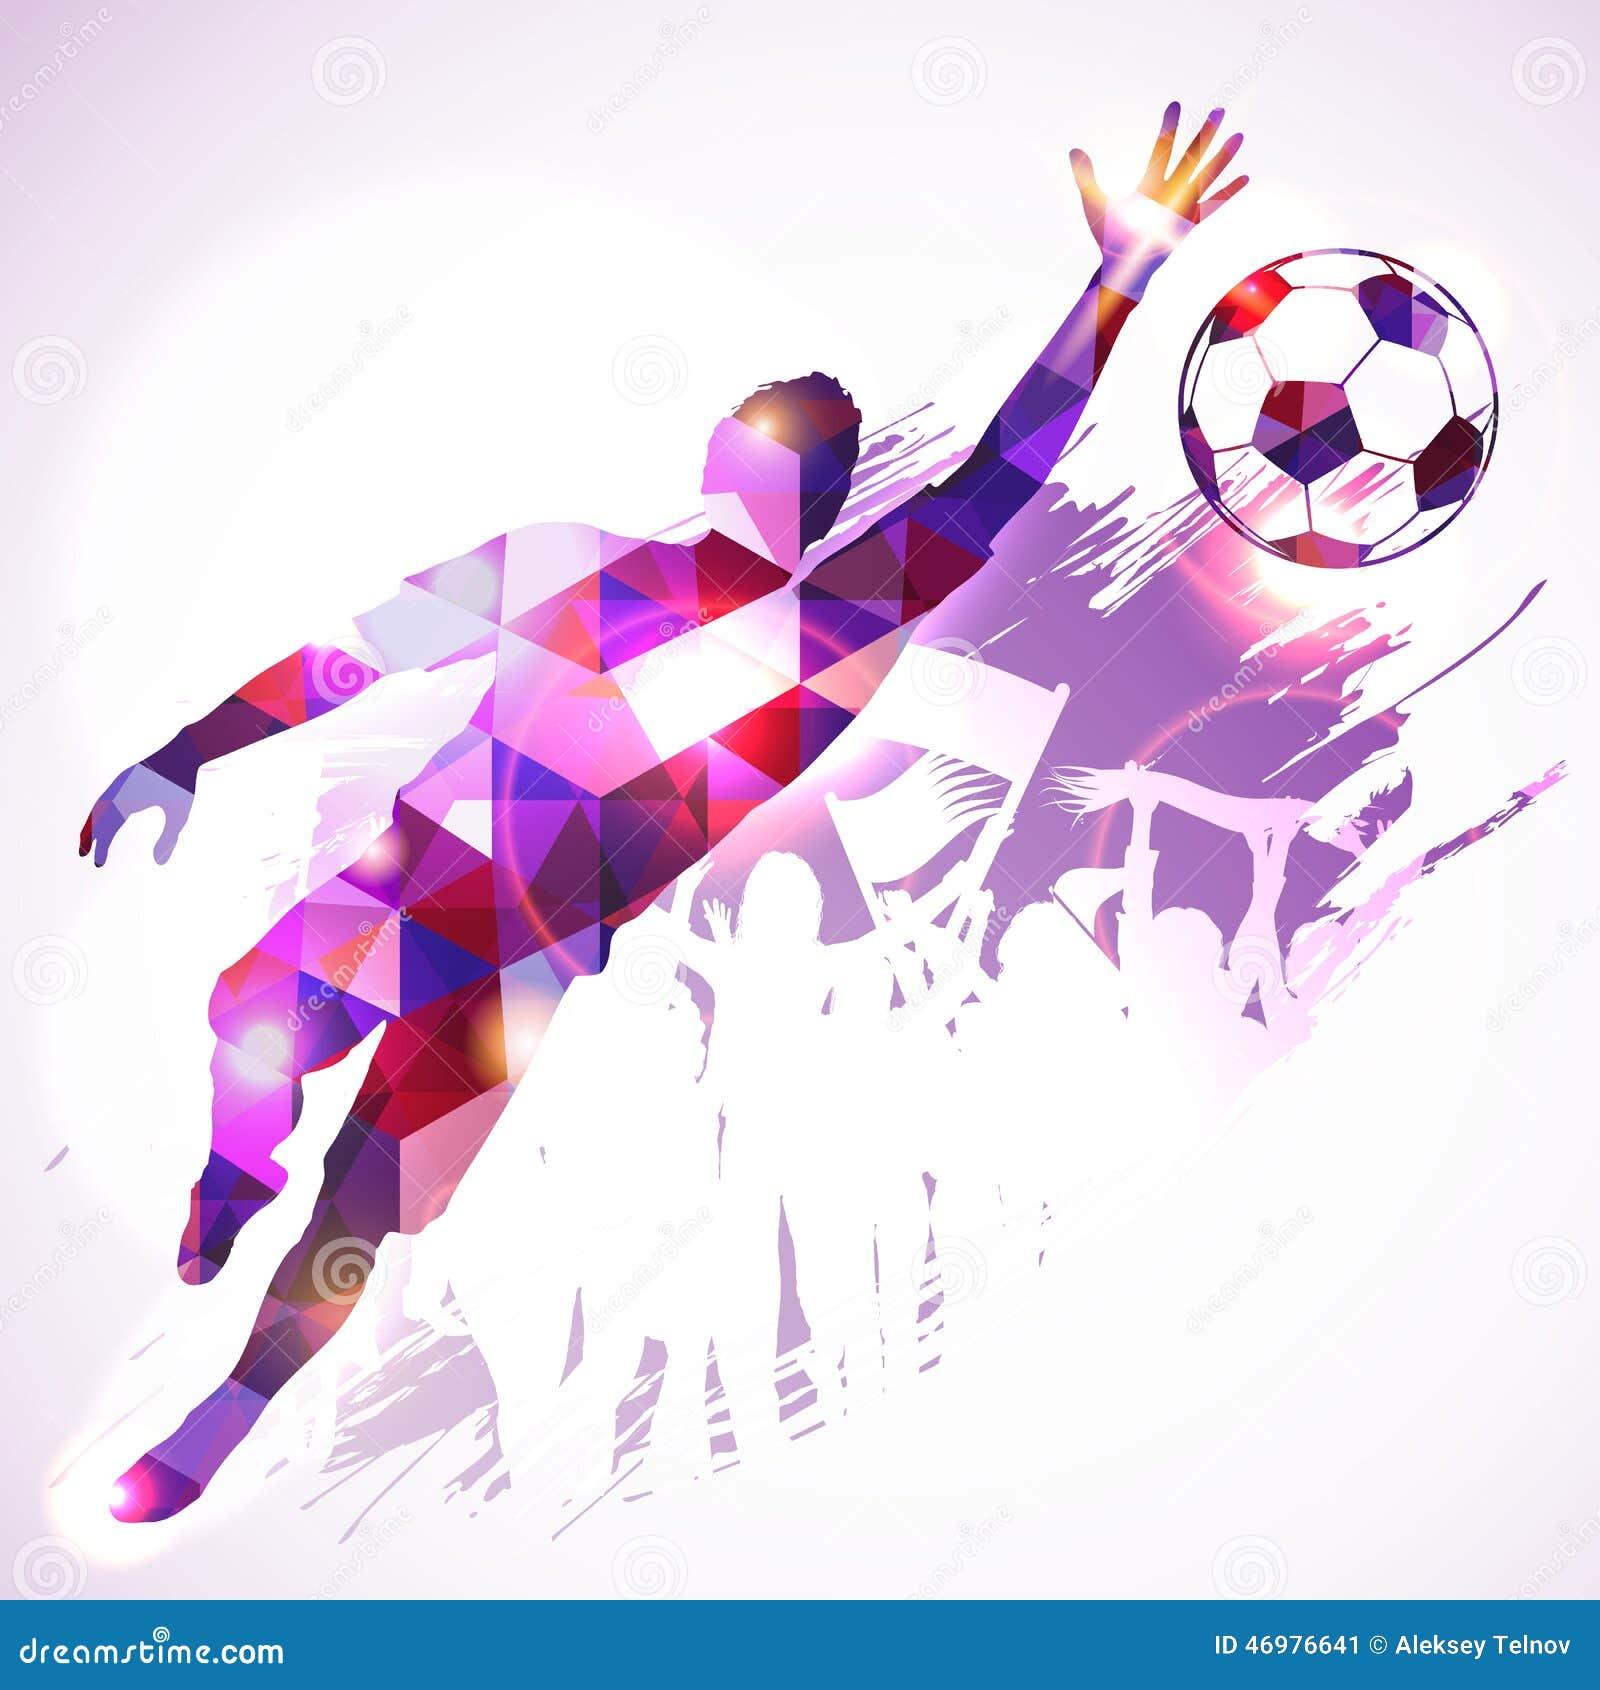 Soccer Goalkeeper Stock Vector - Image: 46976641